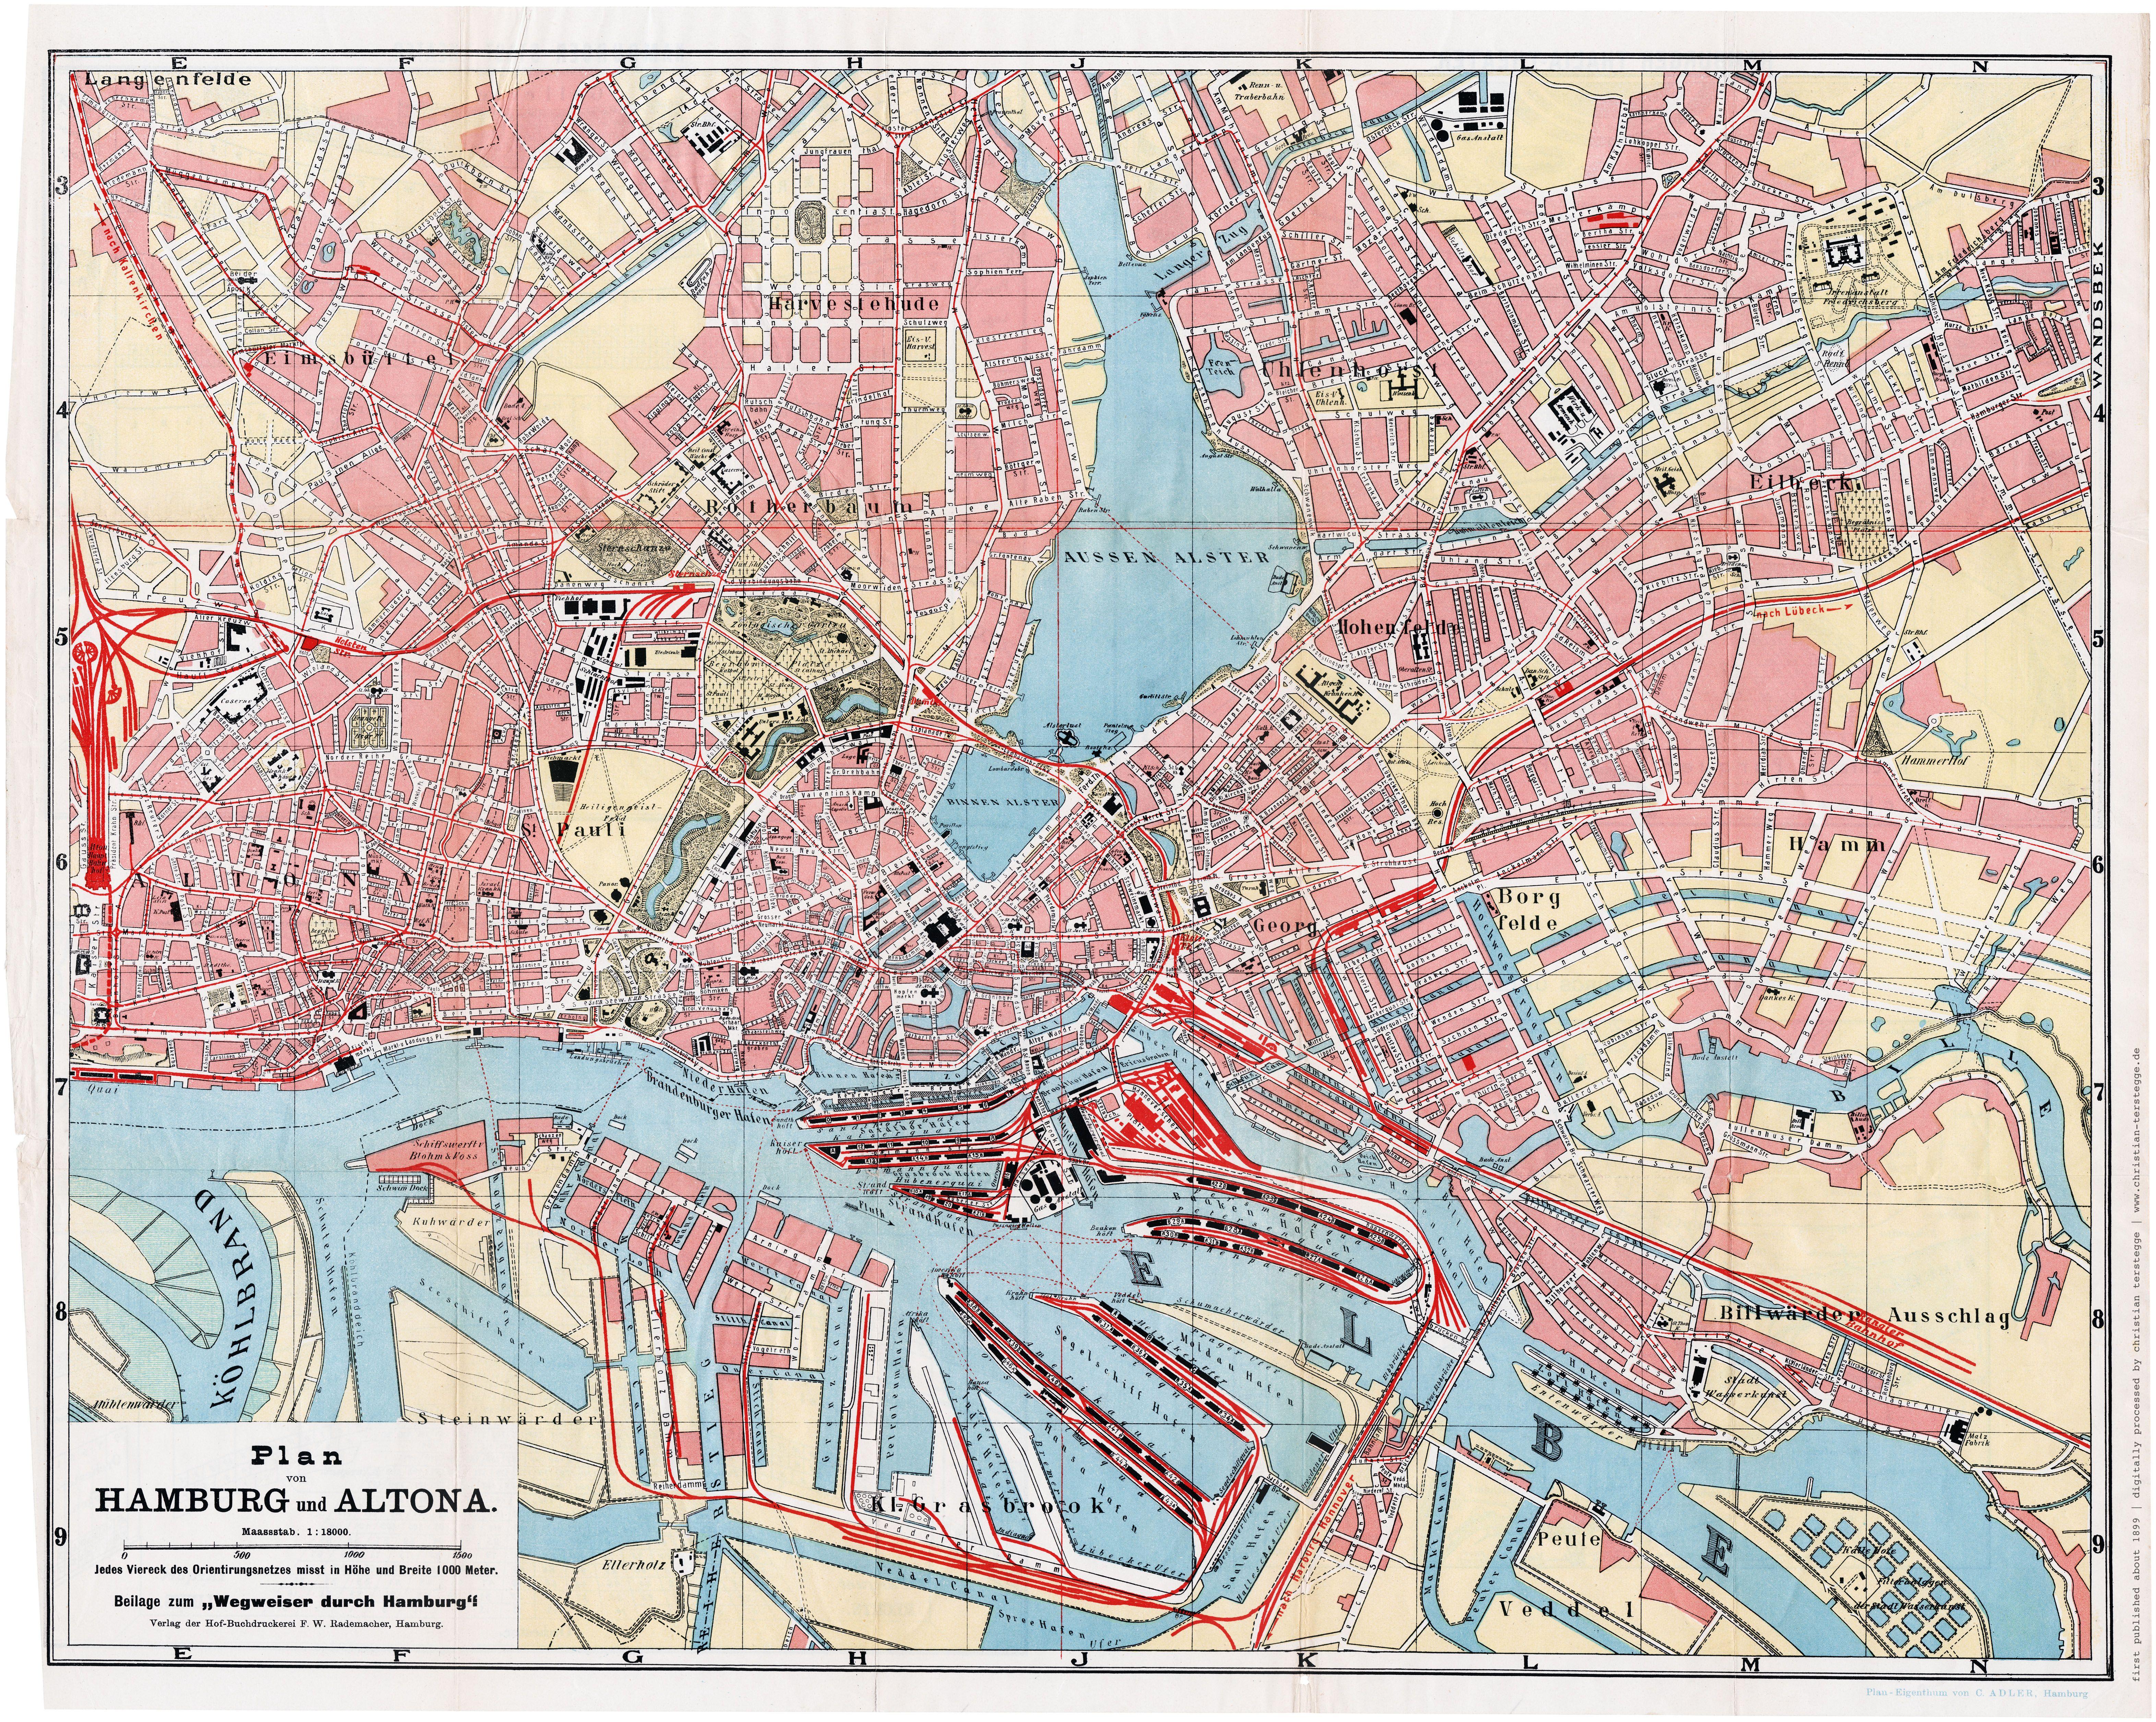 Karte Hamburg Altona 1899 Hamburg Buchdruckerei Hamburg Altona